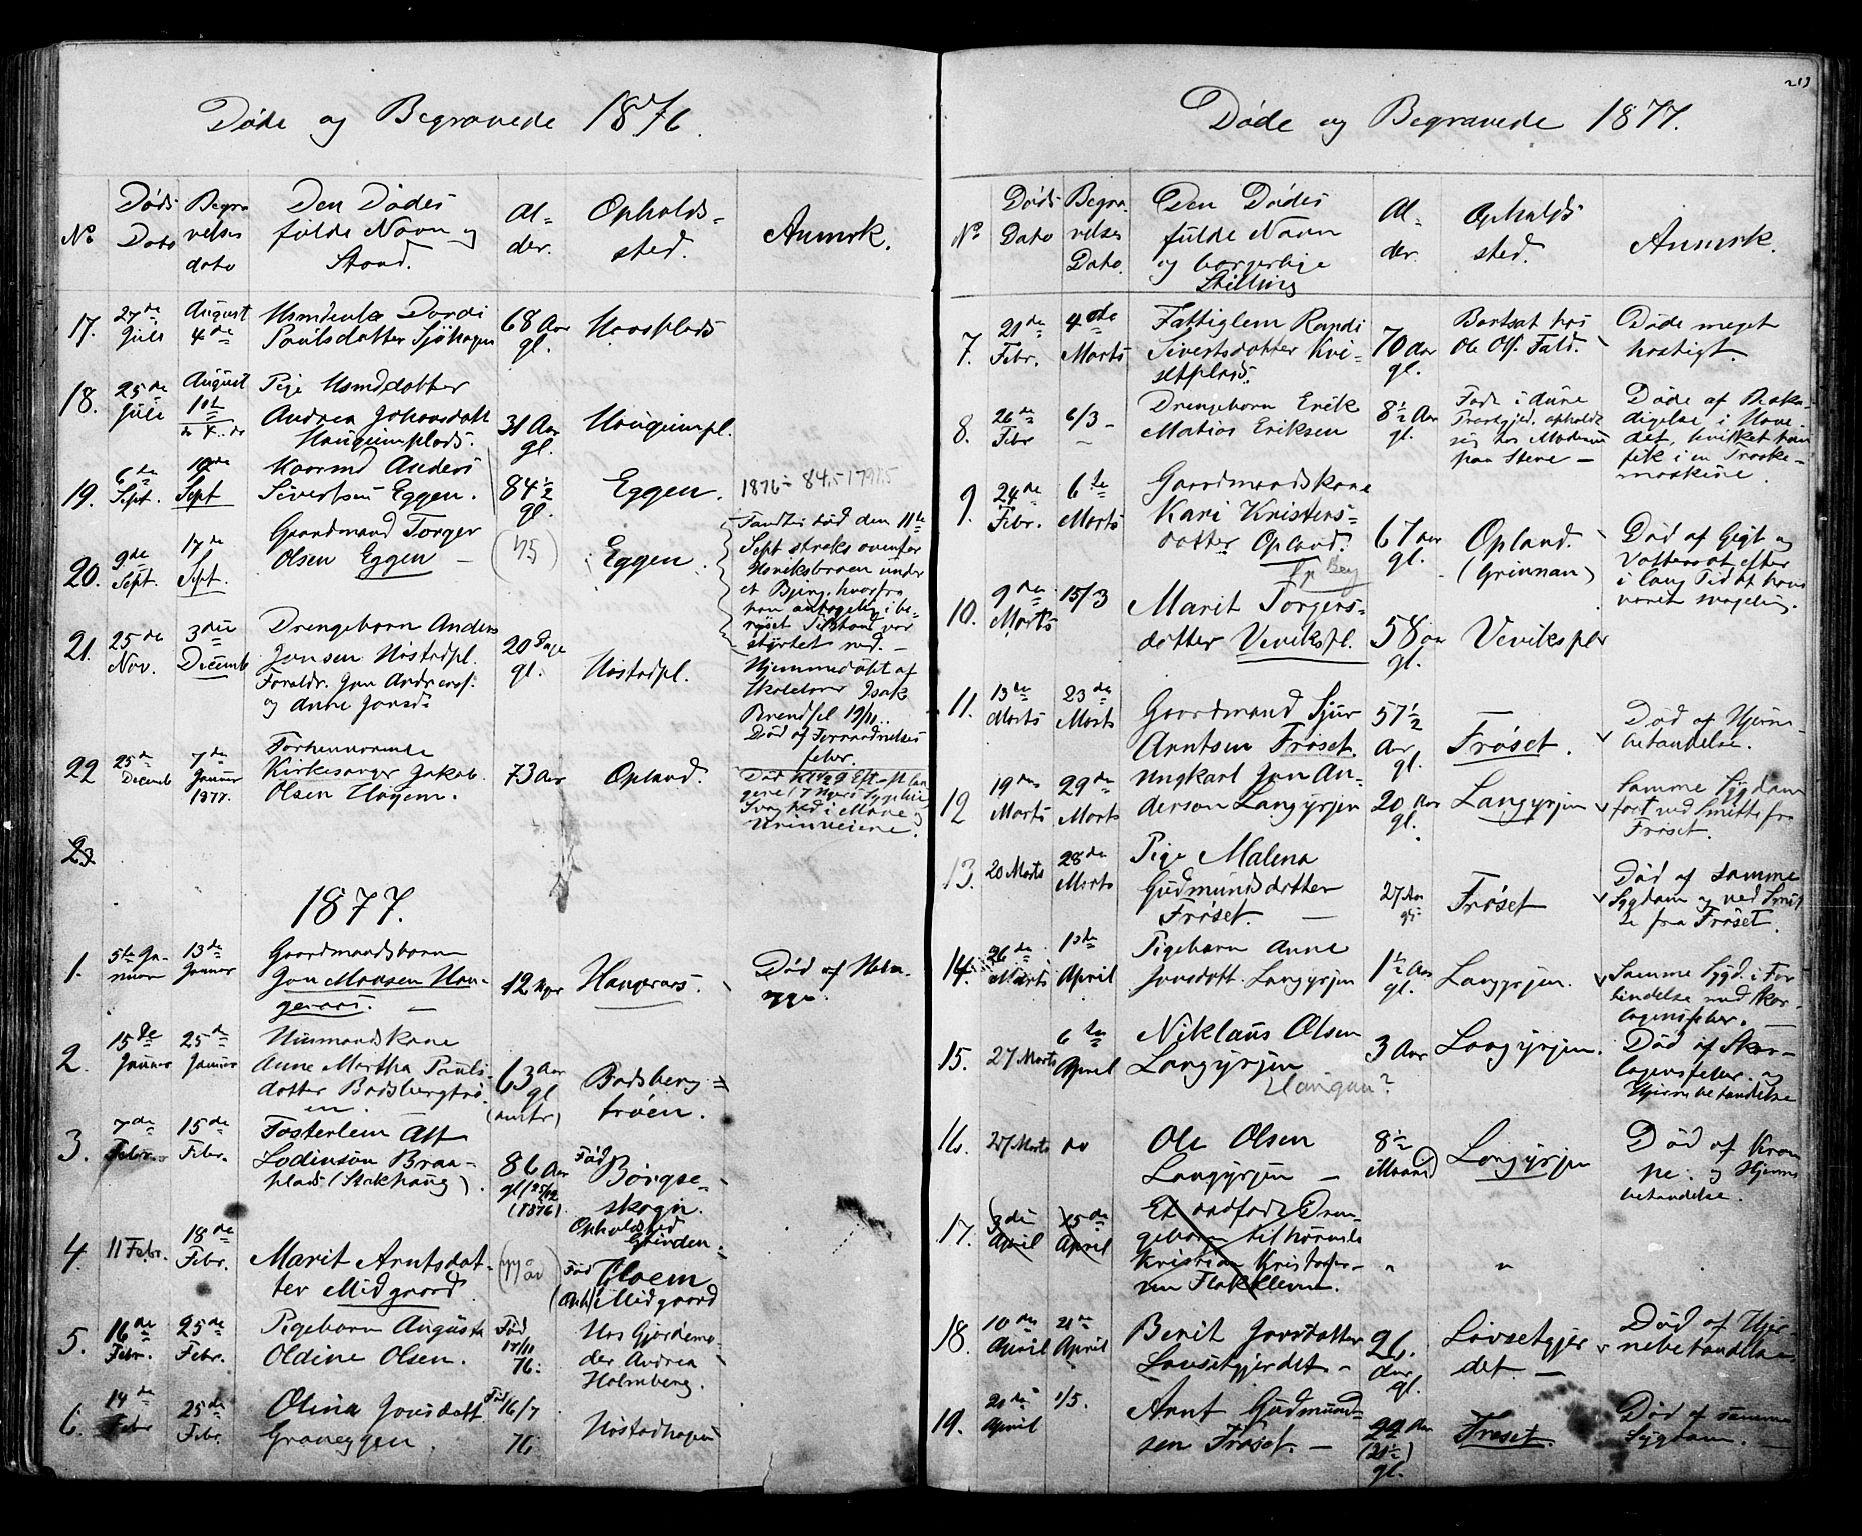 SAT, Ministerialprotokoller, klokkerbøker og fødselsregistre - Sør-Trøndelag, 612/L0387: Klokkerbok nr. 612C03, 1874-1908, s. 213